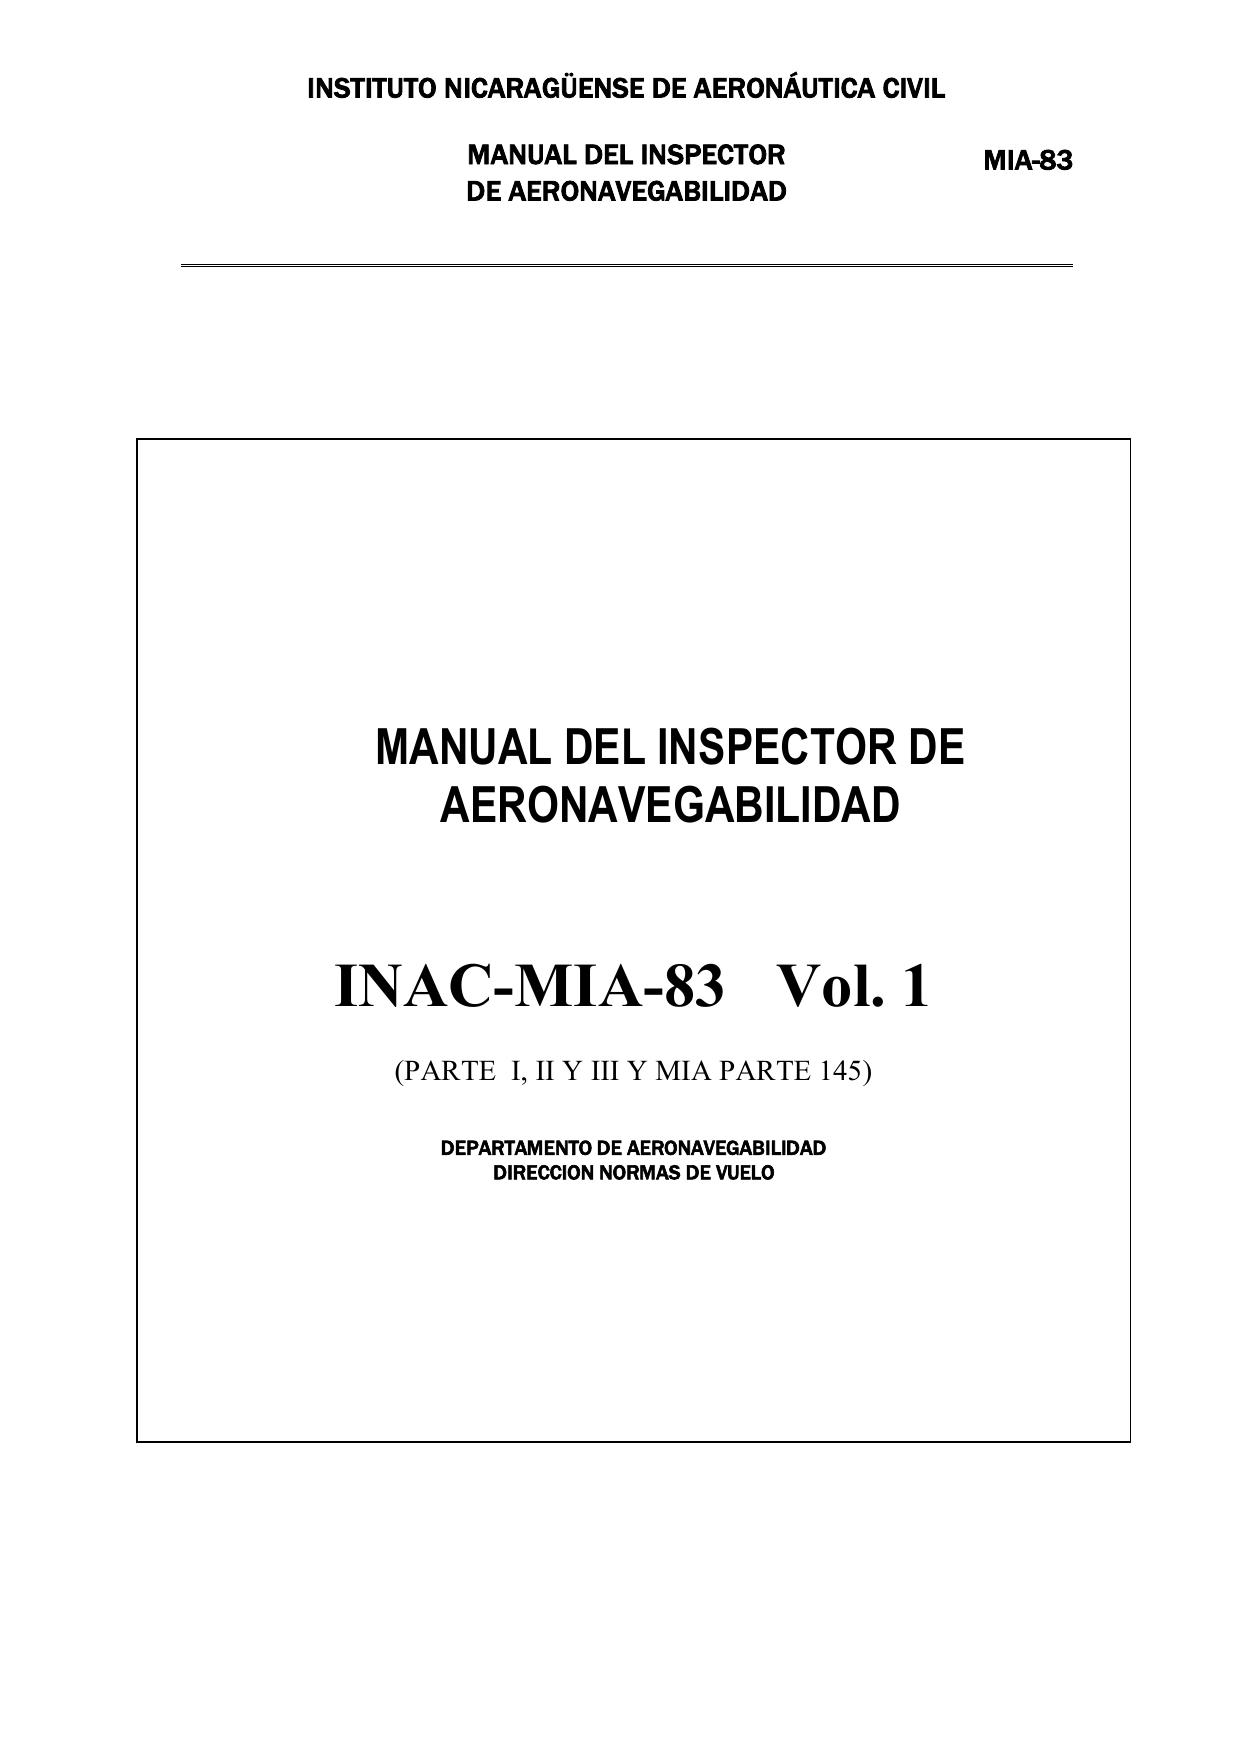 parte 3 | manualzz.com